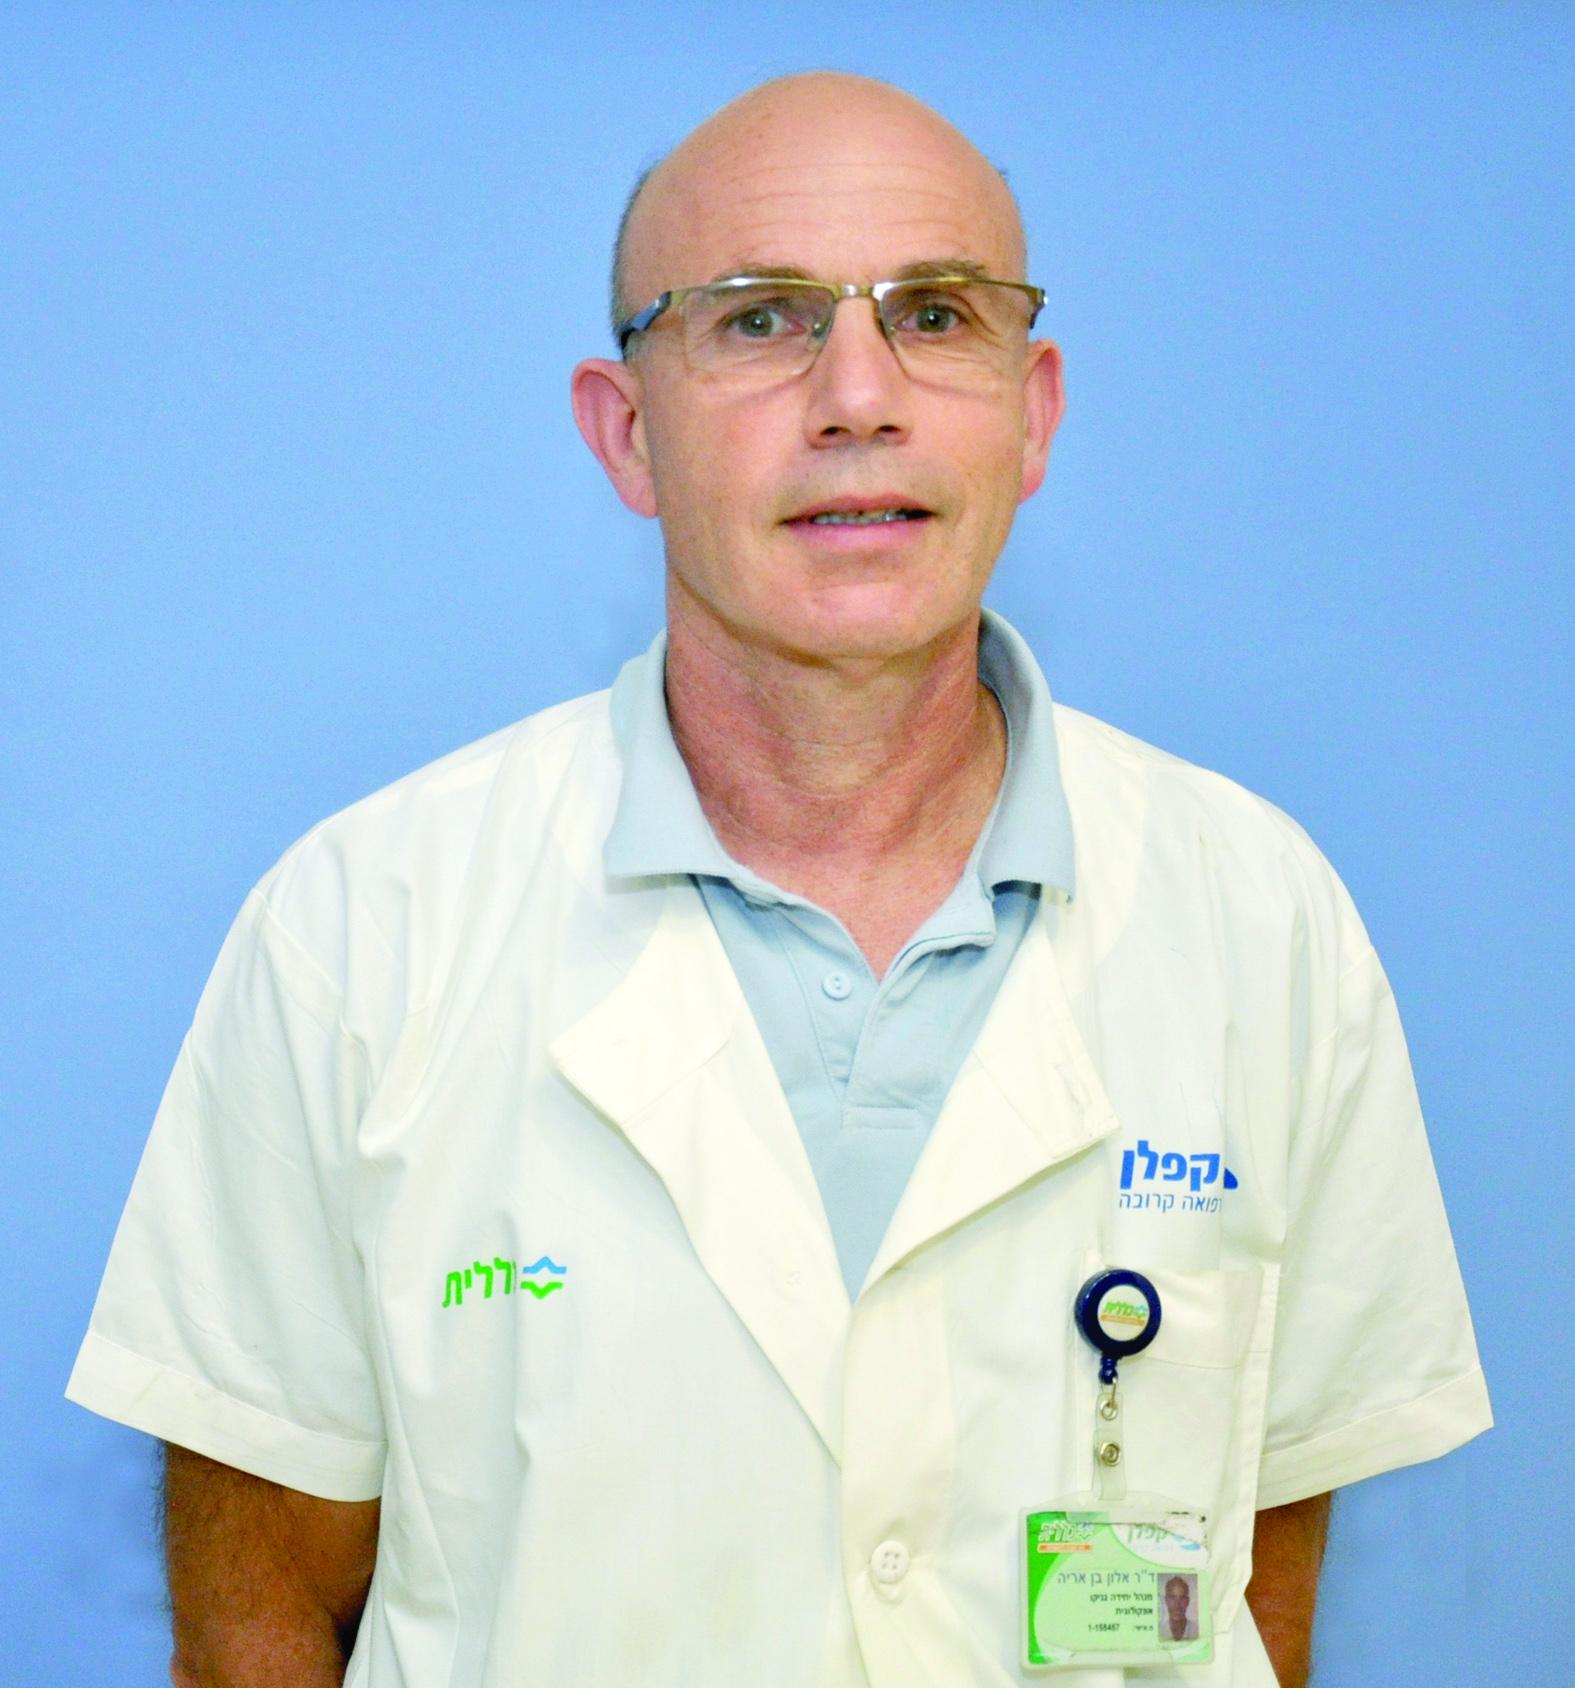 פרופ' אלון בן אריה (צילום: בית חולים קפלן)